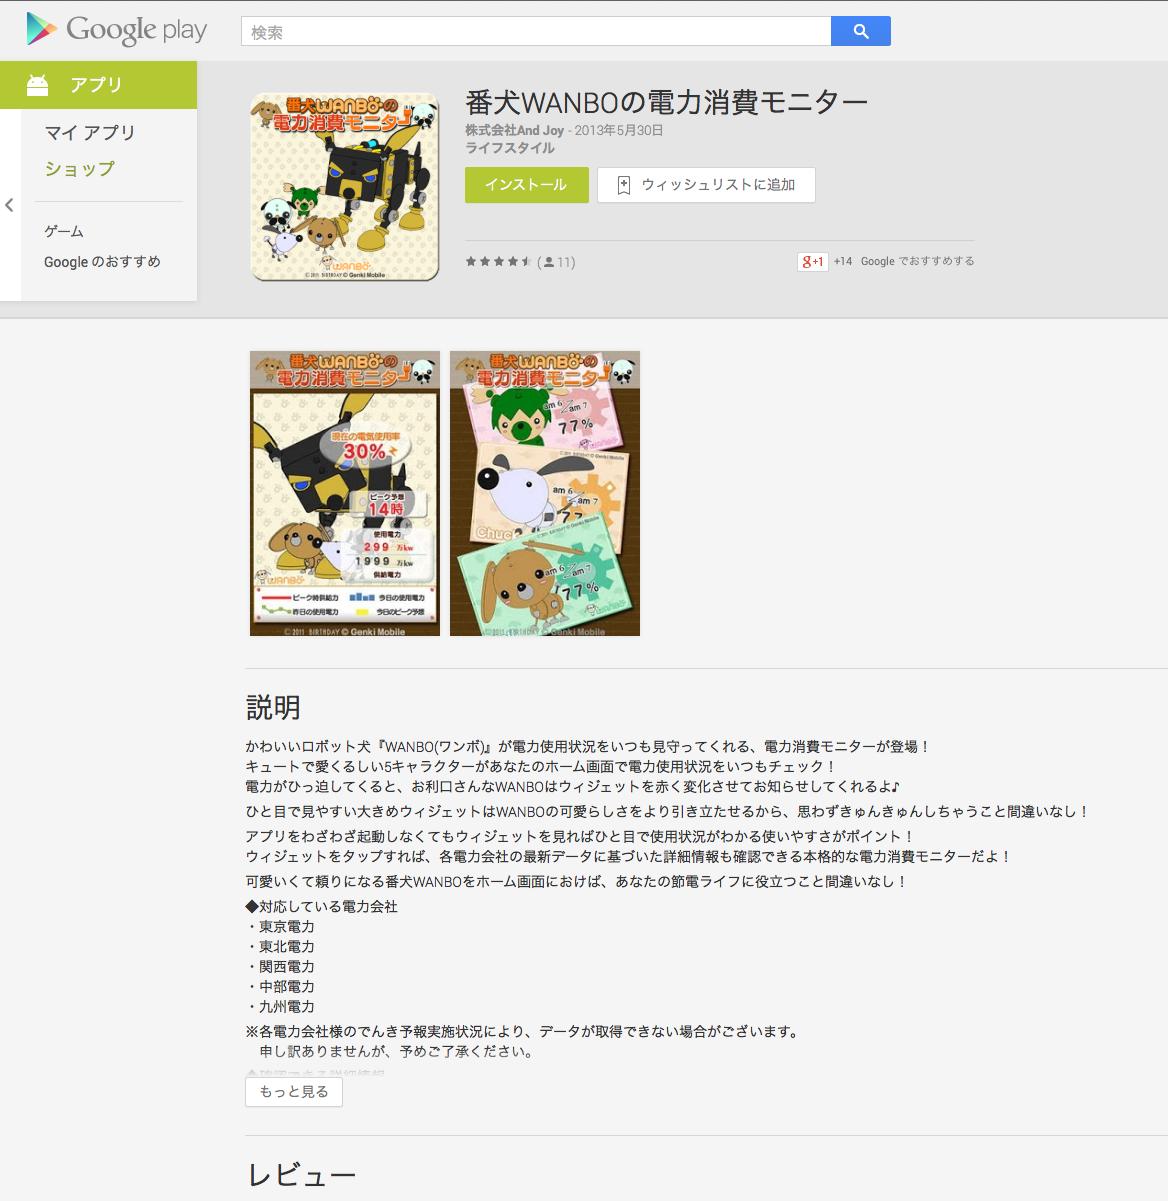 スクリーンショット 2014-04-15 12.40.43.png